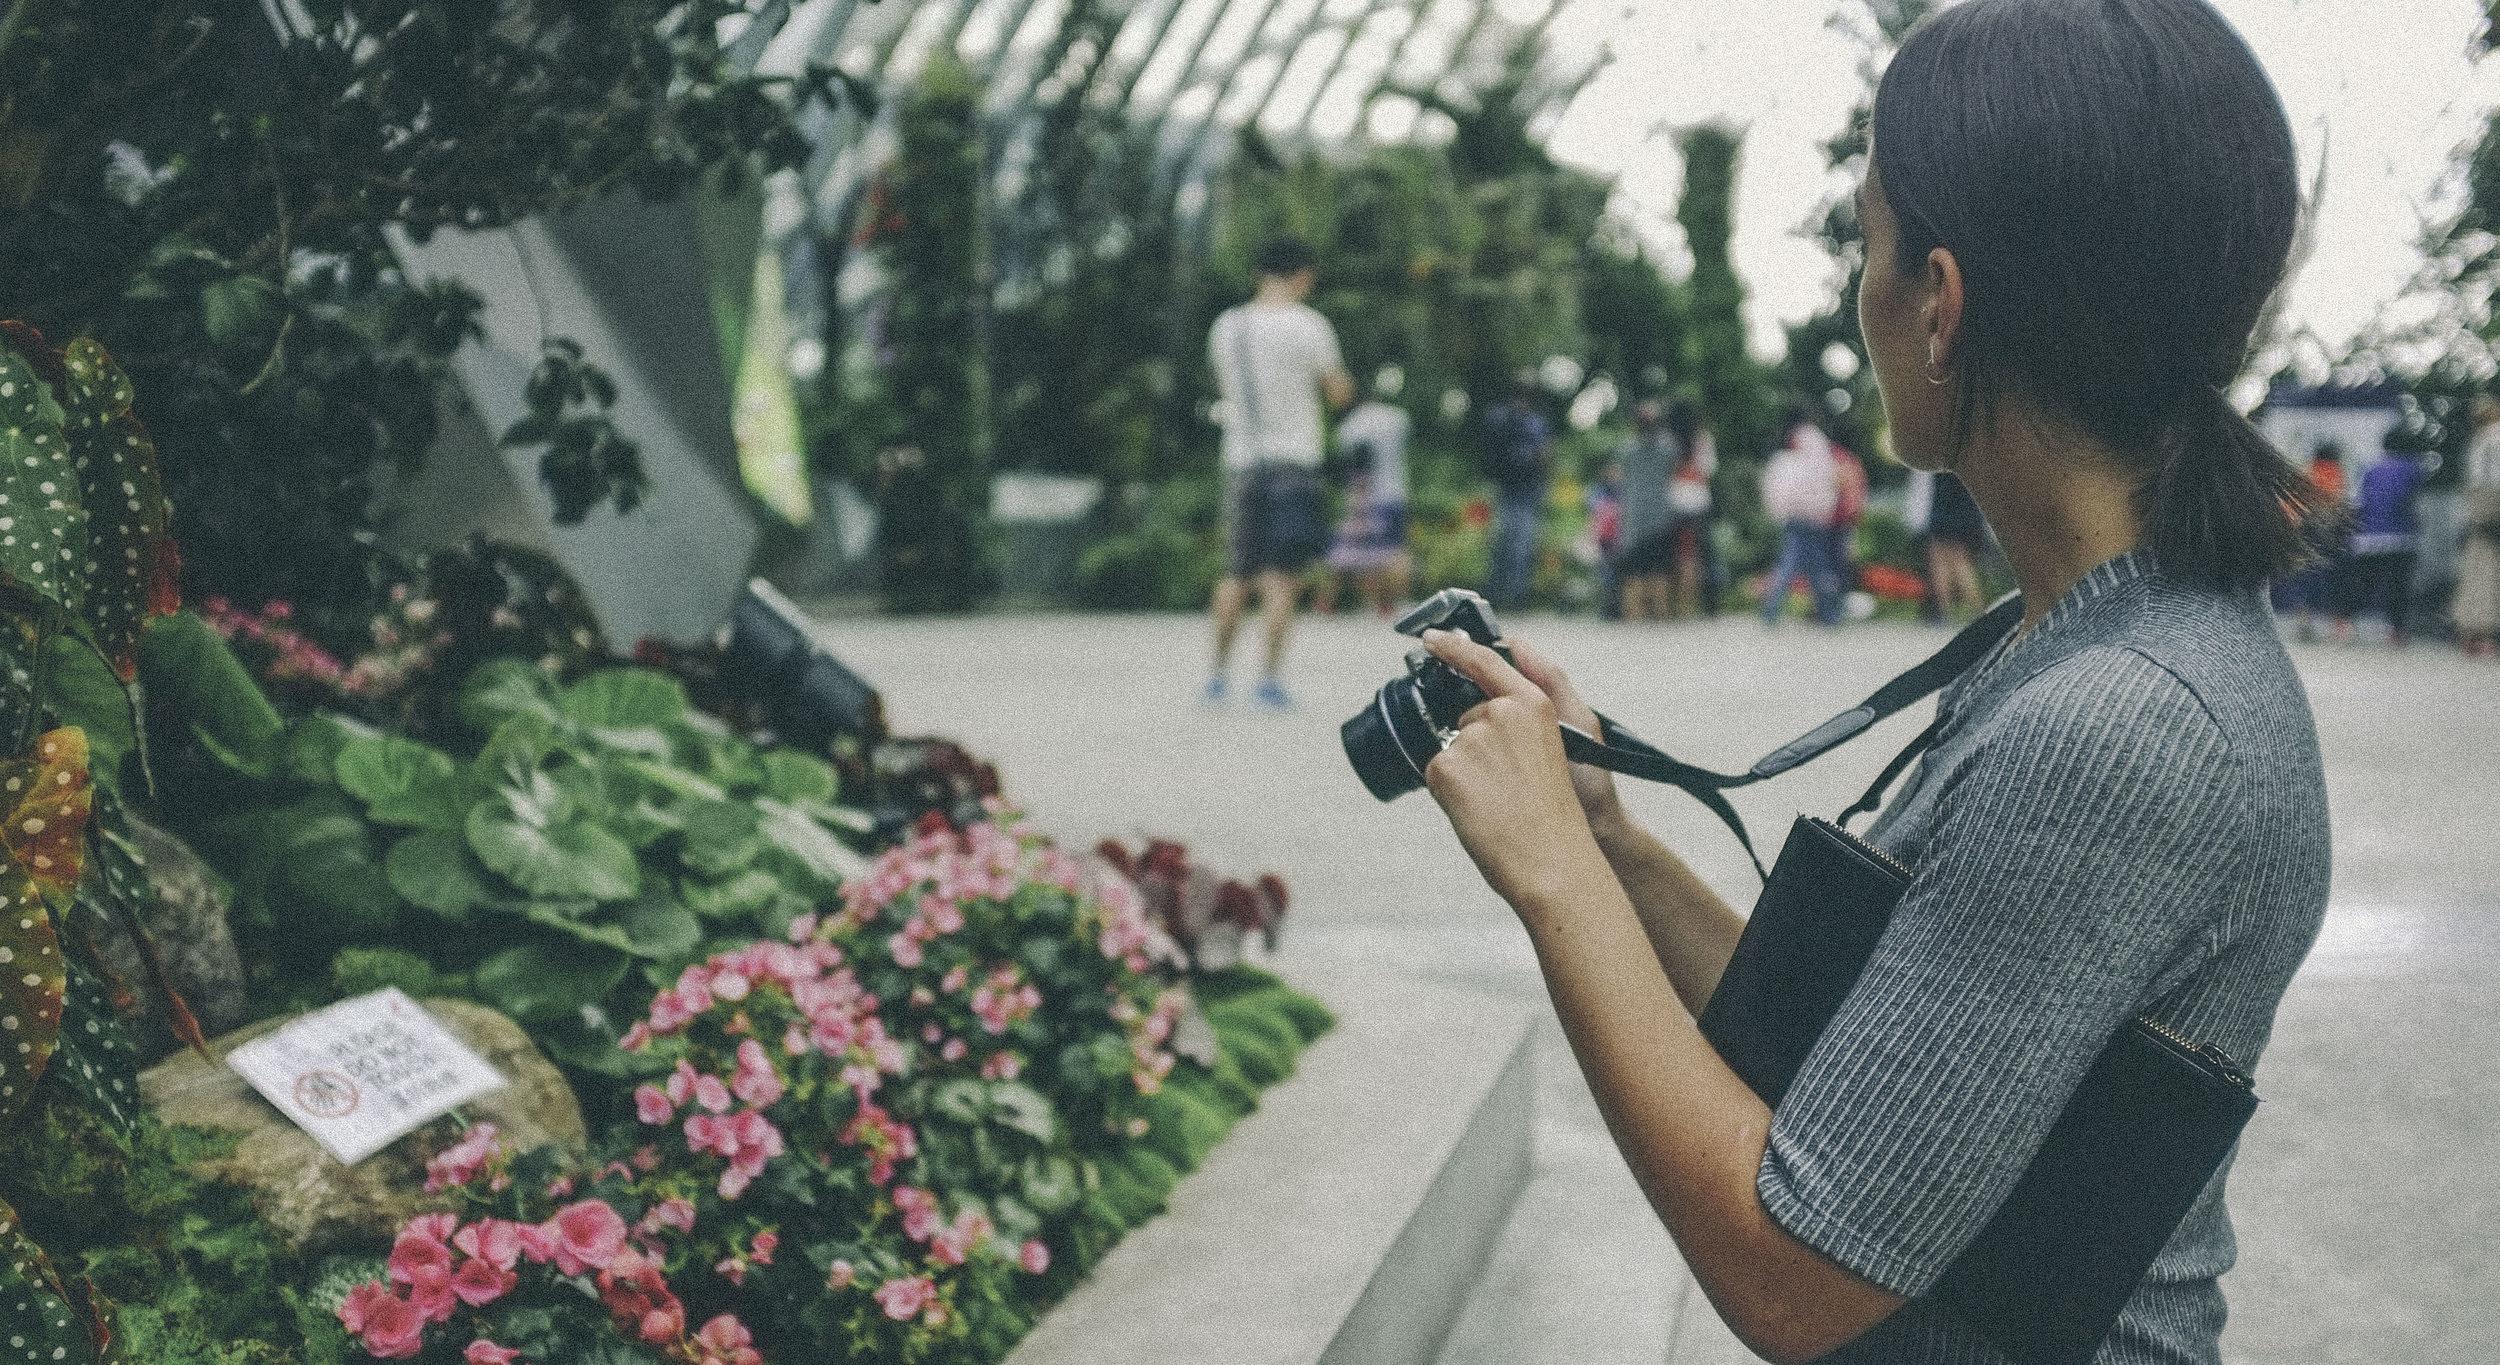 cloud forest, singapore - www.derrive.com